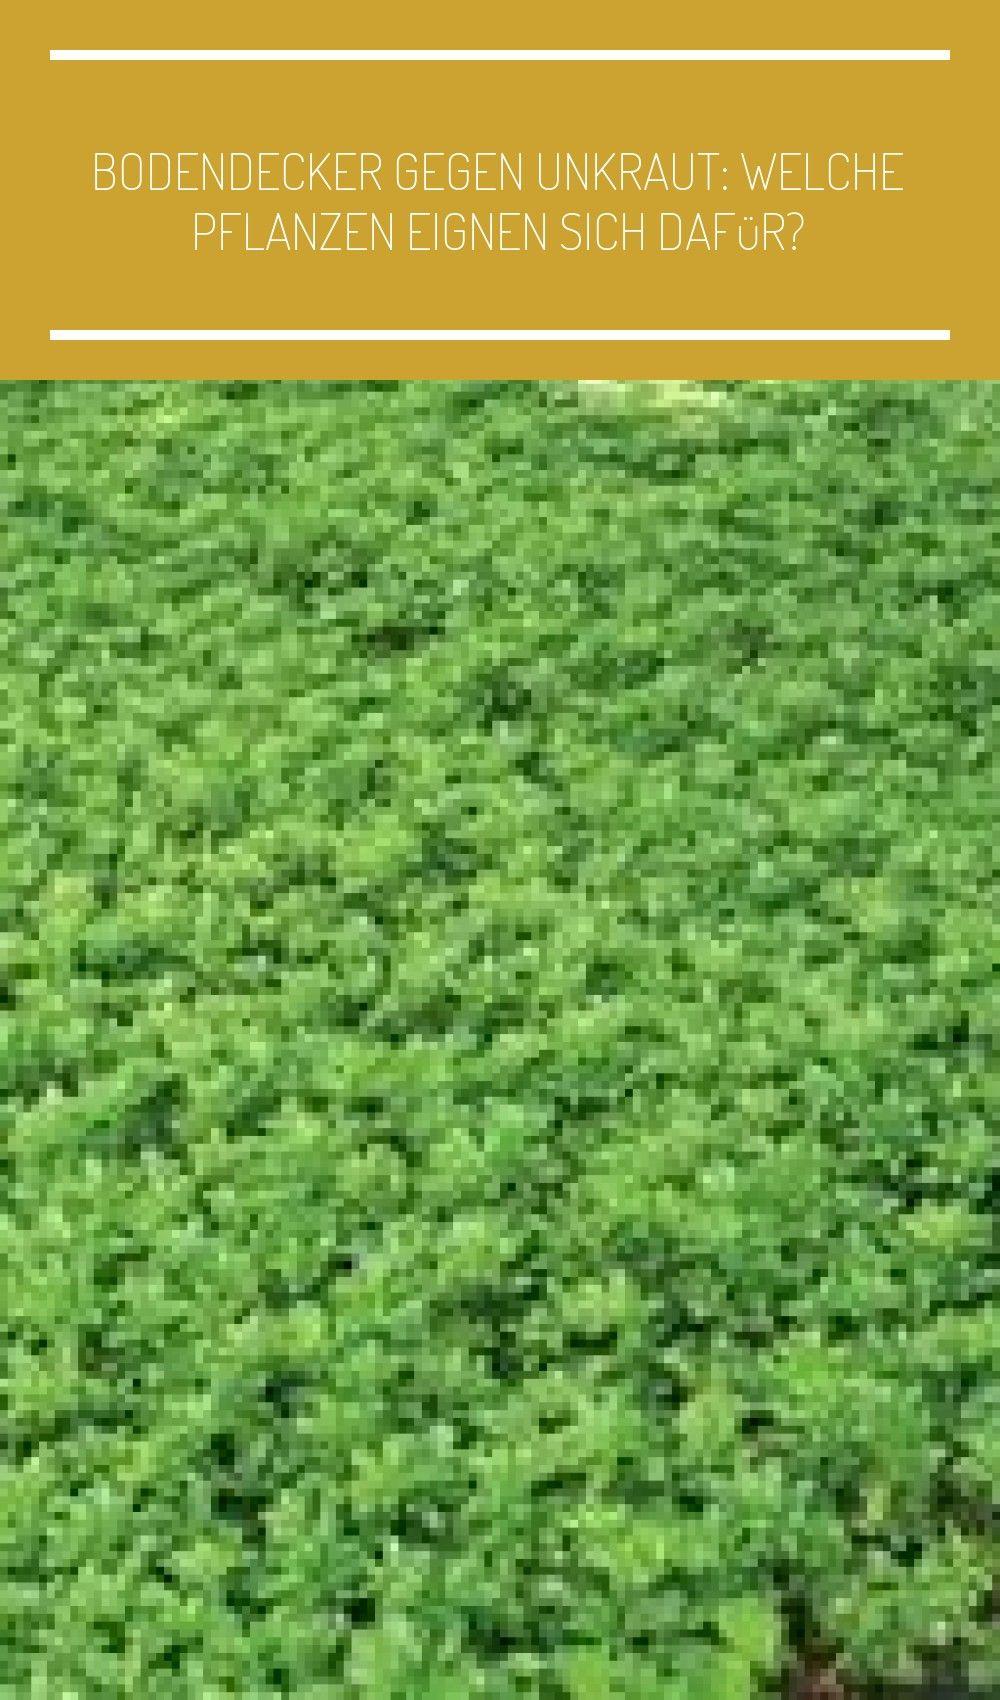 Immergrune Bodendecker Ideen Im Garten Garten Landschaftsbau Zaun Bodendecker Gegen Unkraut Welche Pflanzen Eignen Sich Dafur En 2020